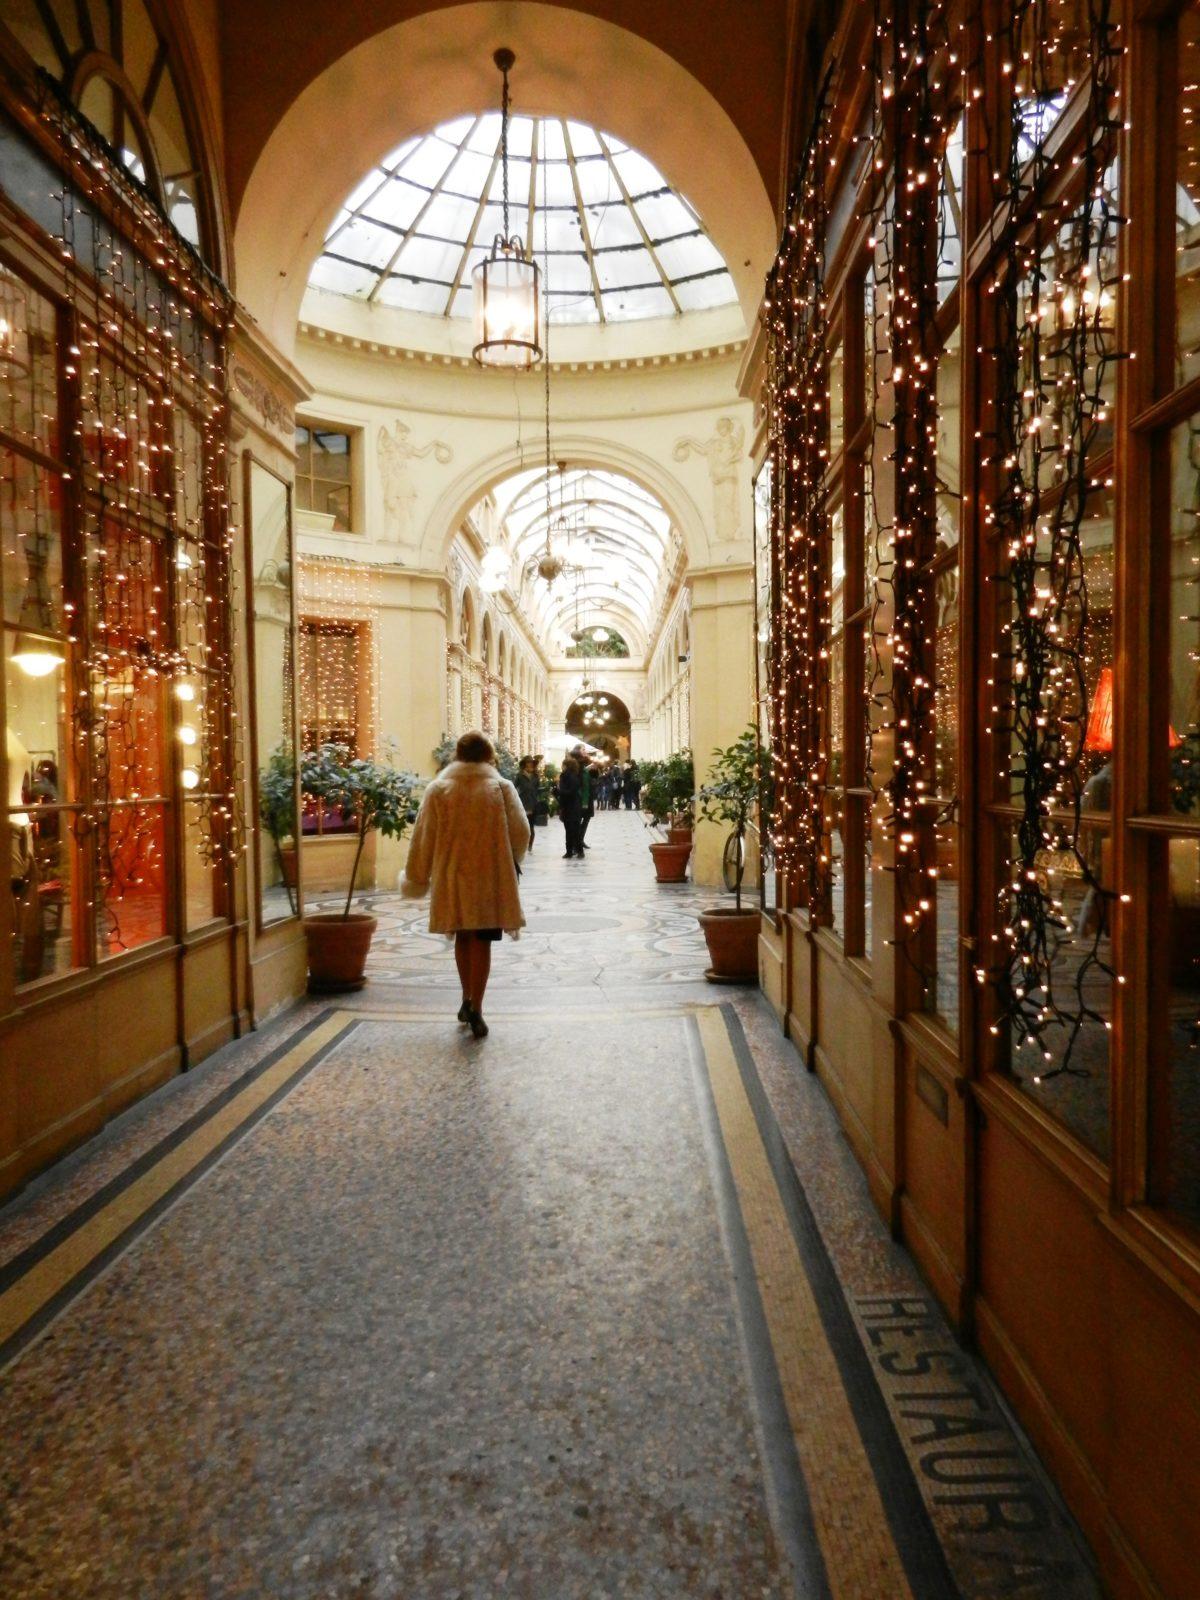 Paris Covered Passages France Journeys